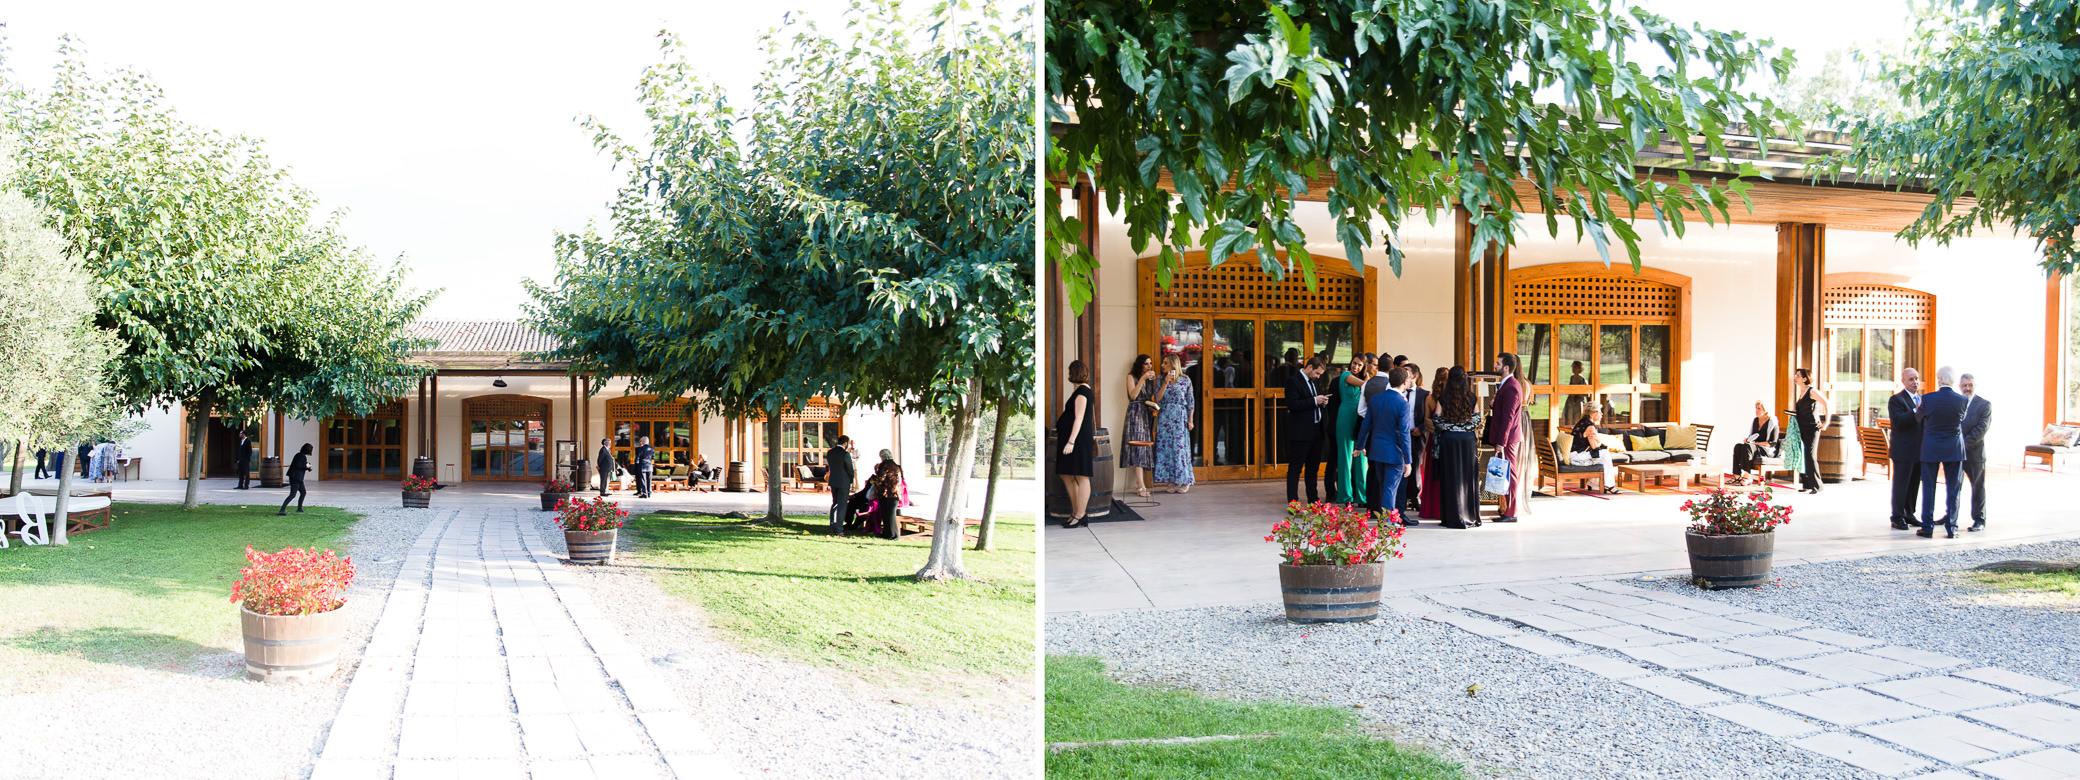 boda-espai-gastronomia-can-macia-photografeel-6-2.jpg